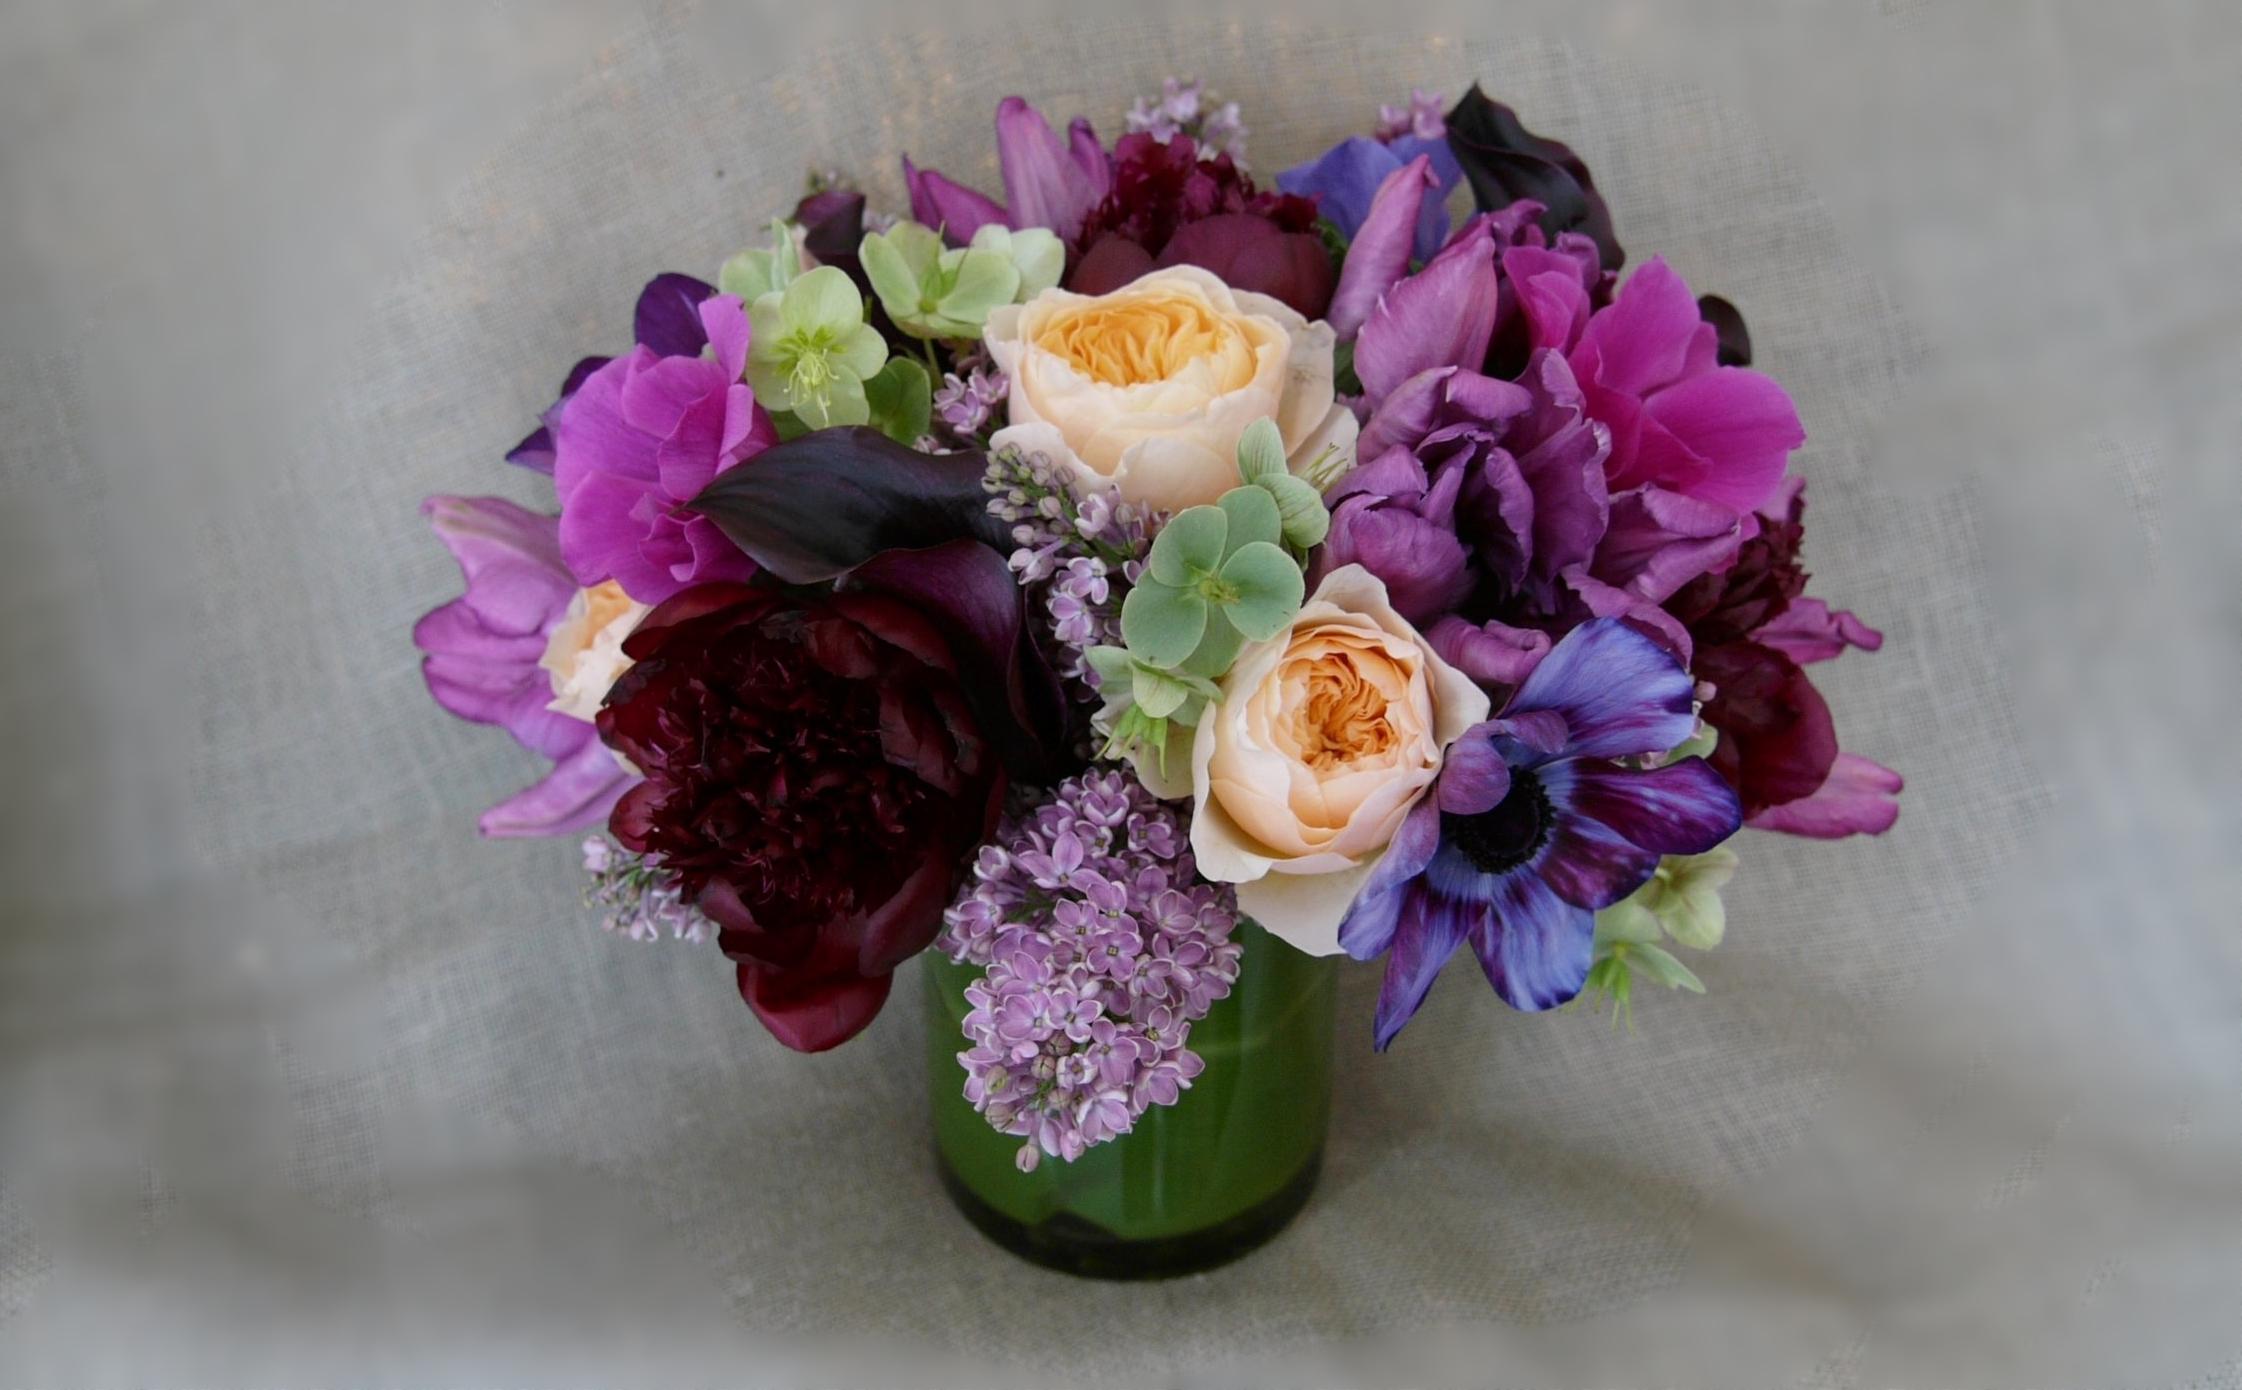 spring flowers in deep jewel tones with burgundy peonies liliacs garden roses.jpg